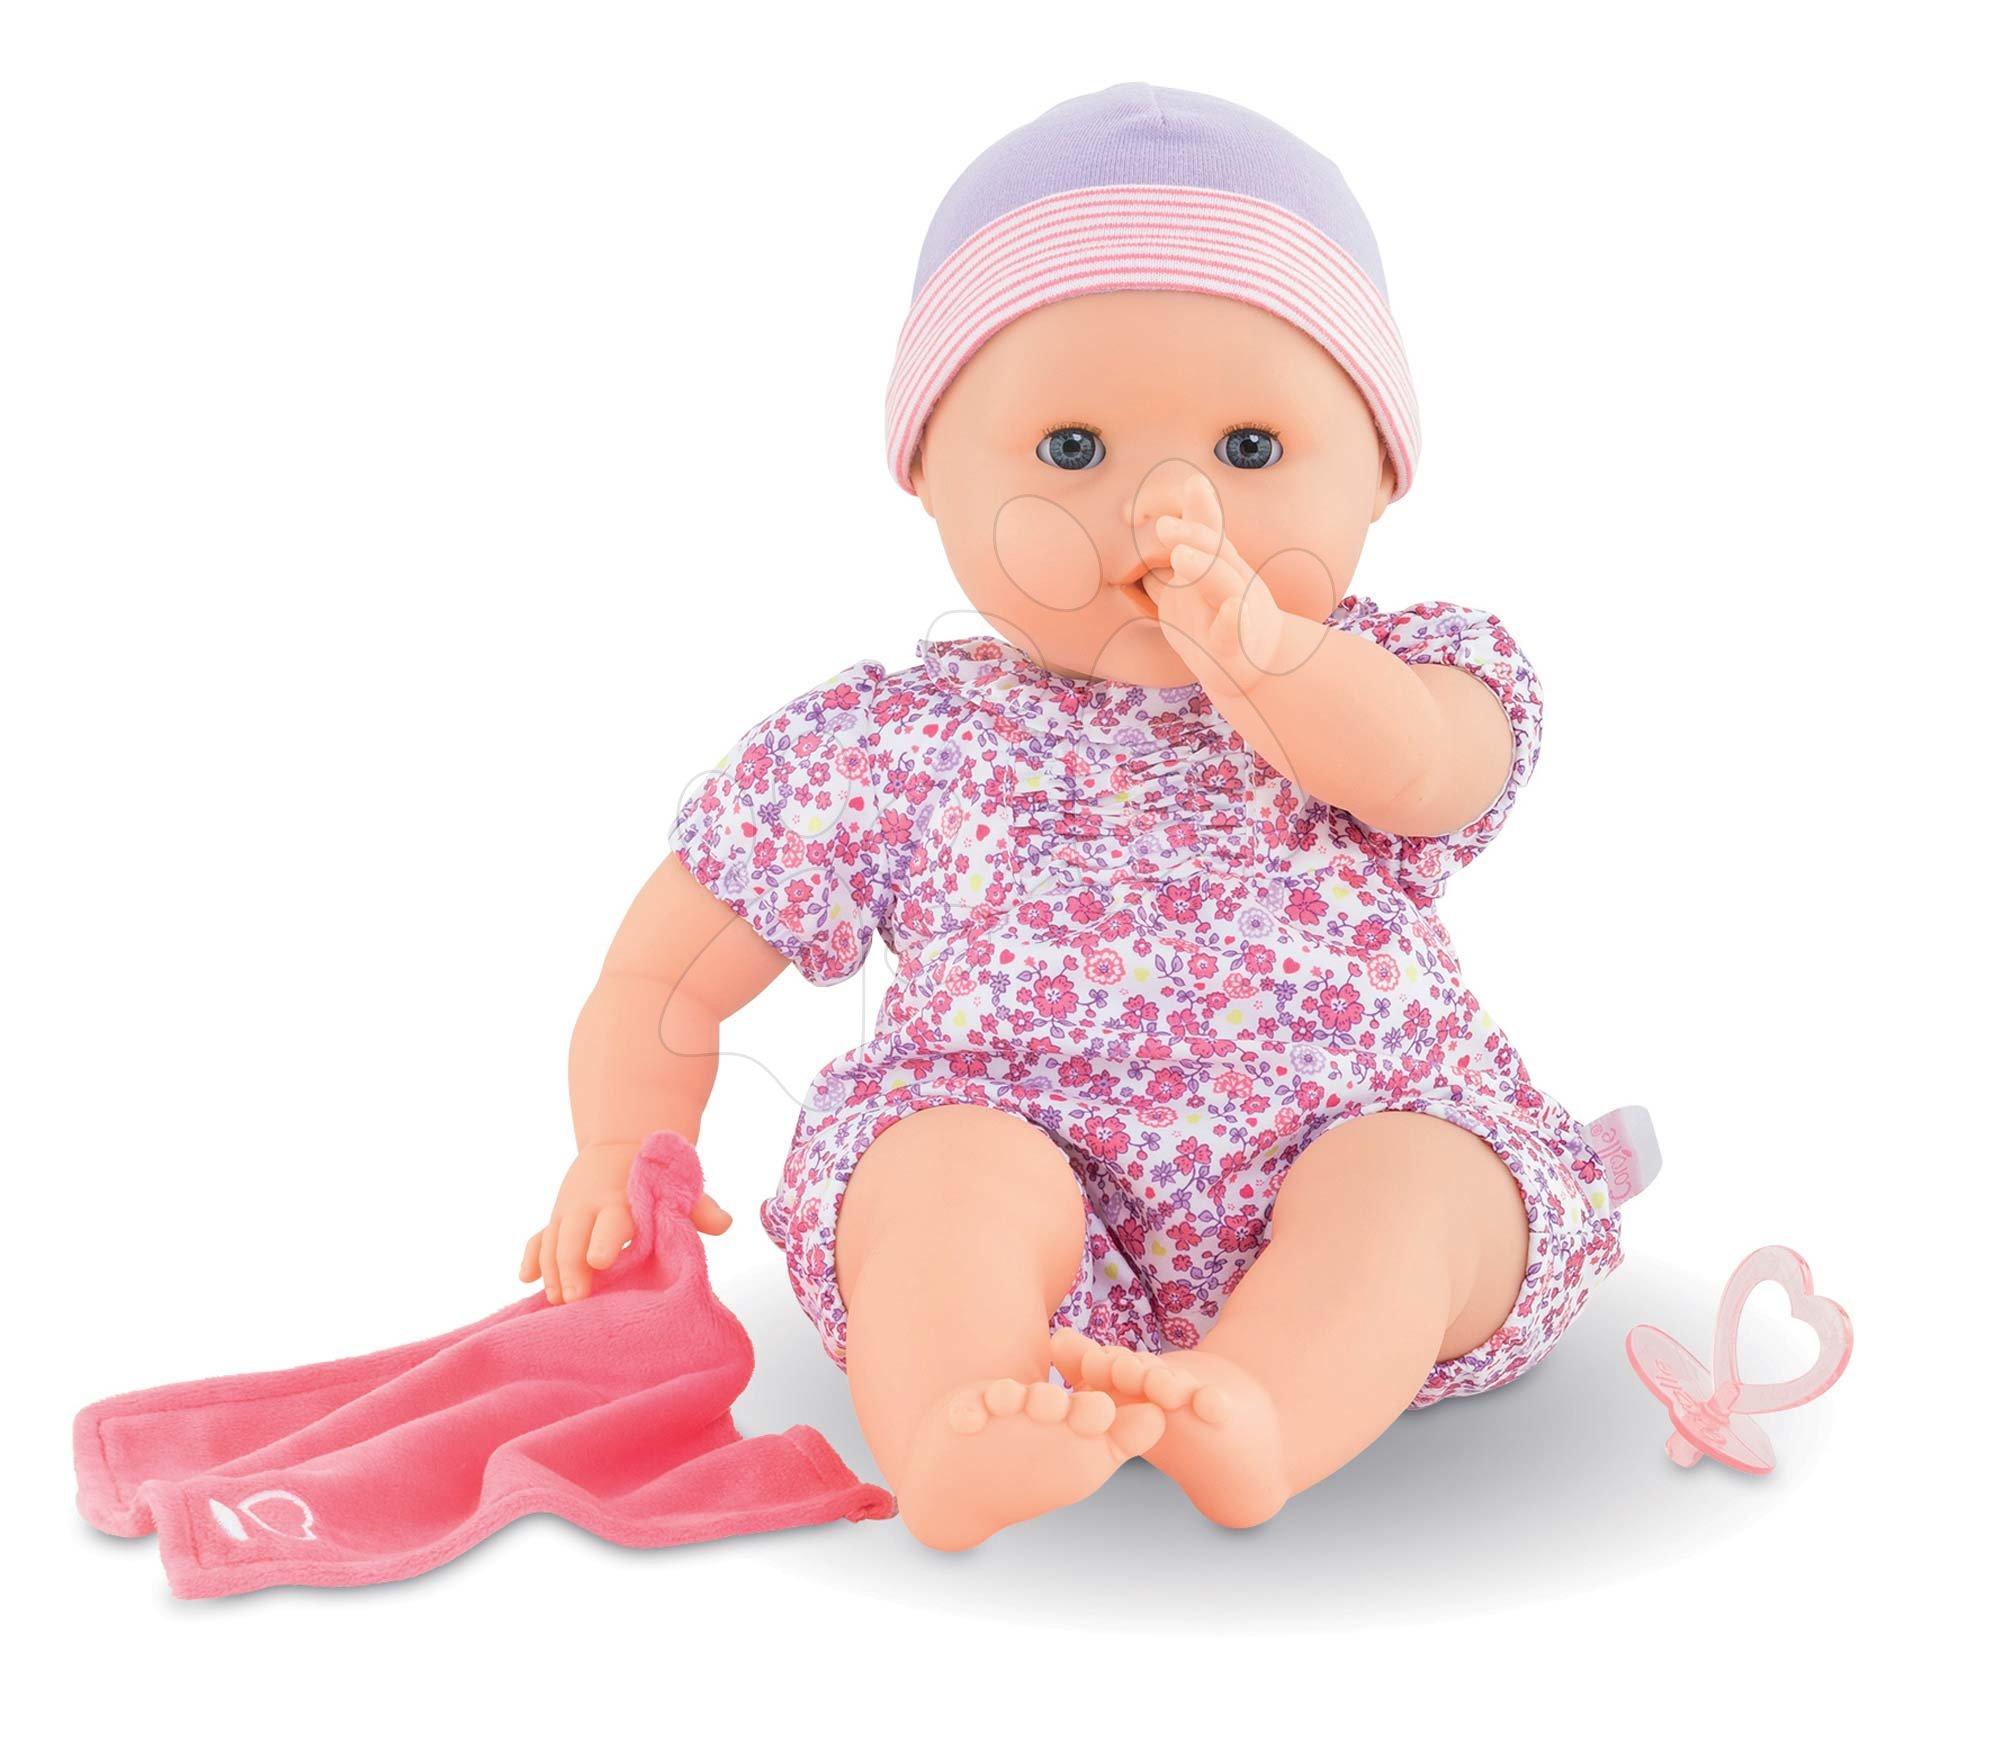 Bábiky od 24 mesiacov - Bábika cmúľajúca prst Emilie Sucks Her Thumb Mon Grand Poupon Corolle 36 cm s modrými klipkajúcimi očami od 24 mes